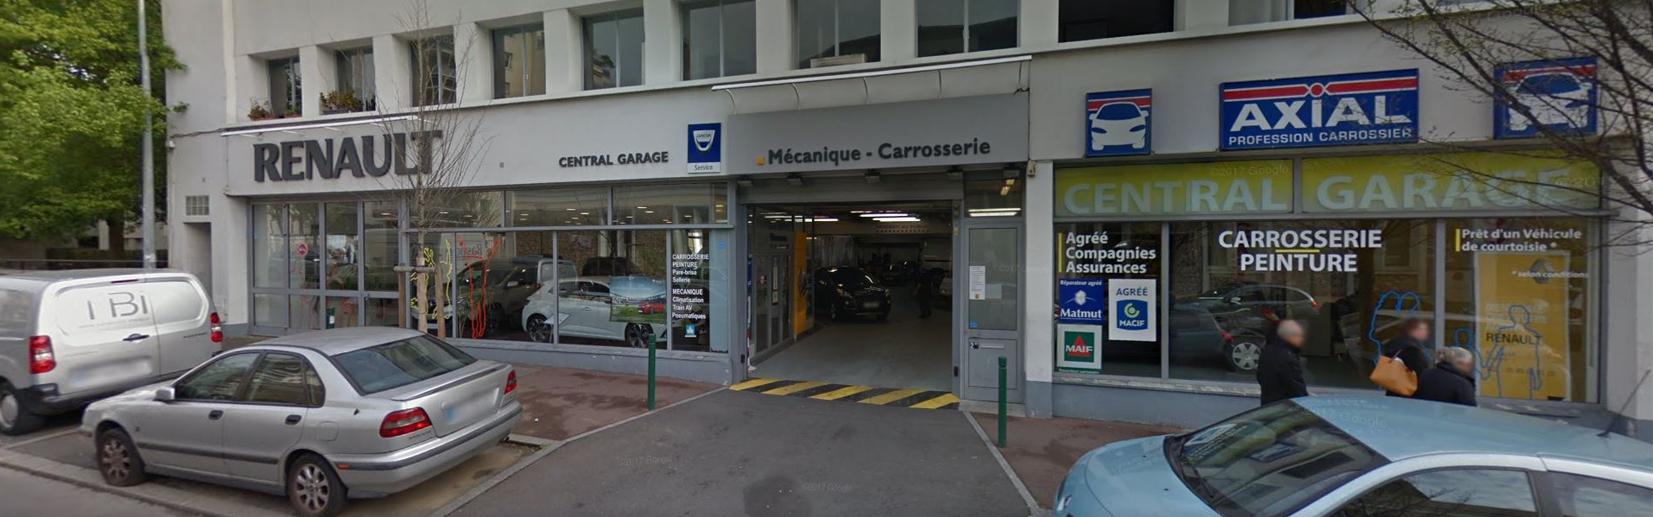 Central garage suresnes garage et concession auto for Garage central auto lyon